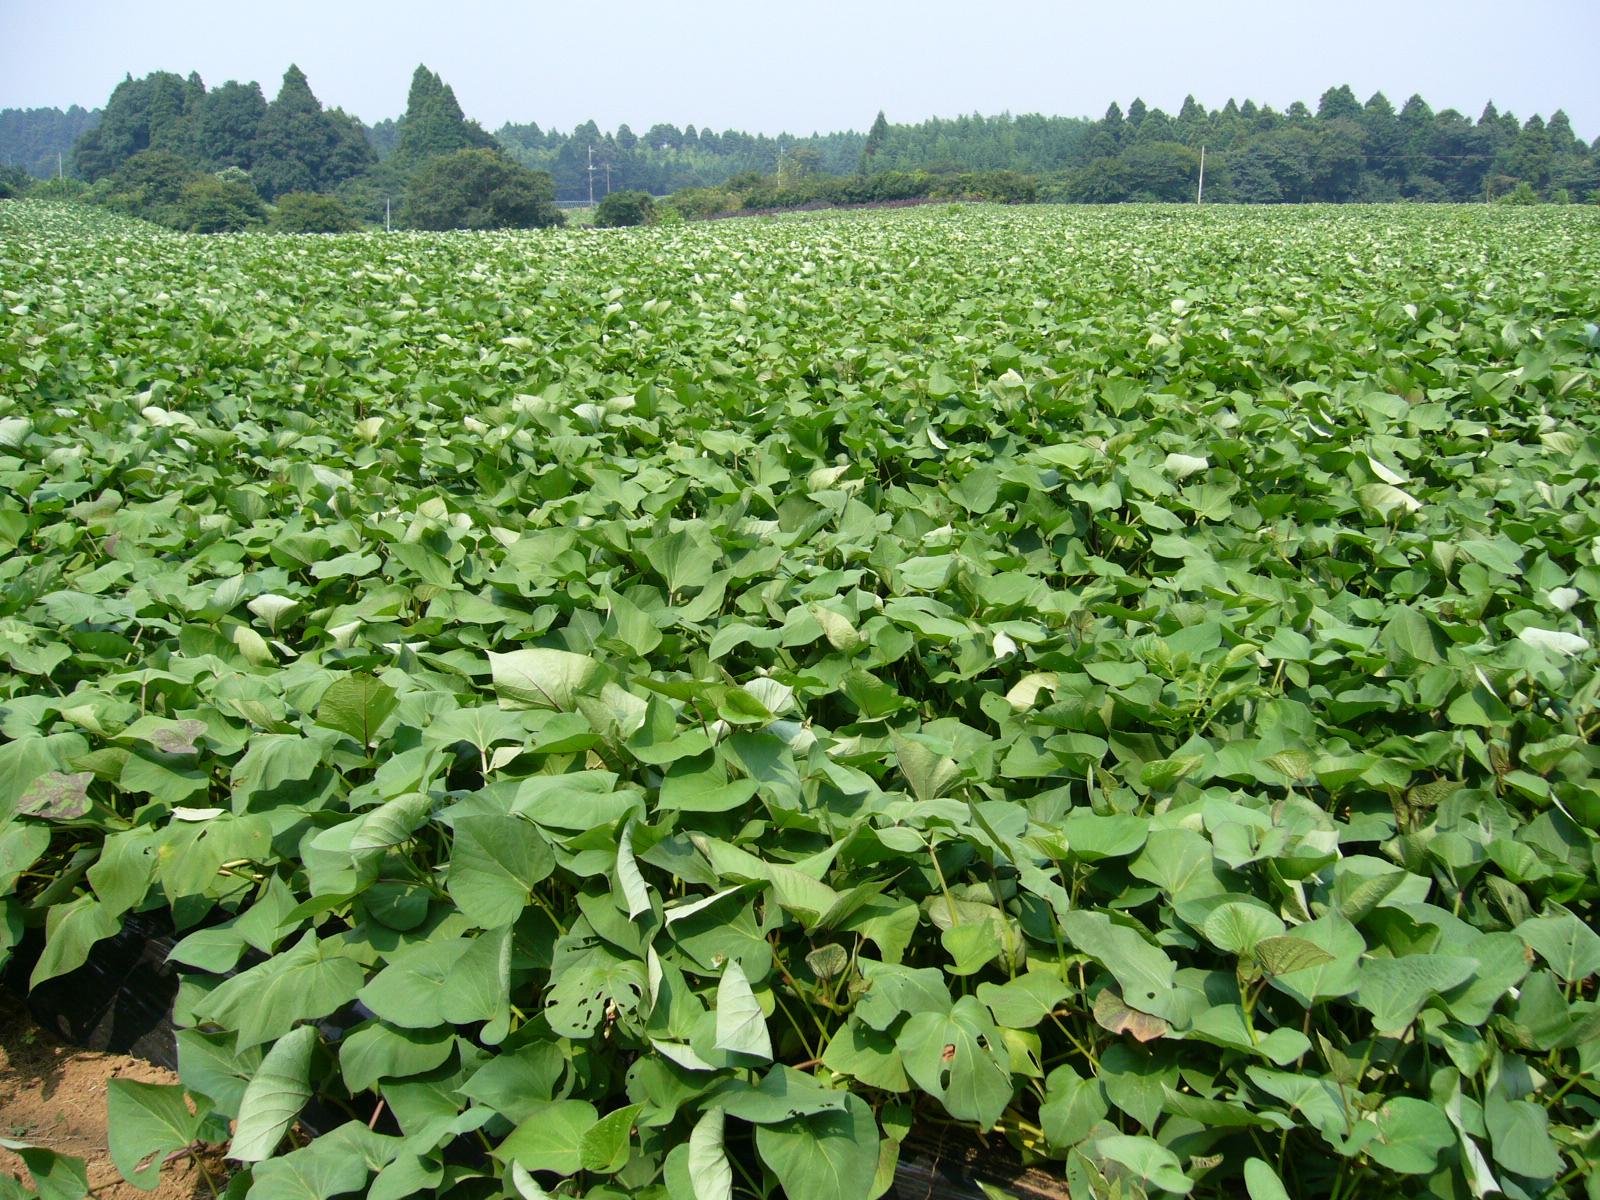 File:Sweet-potato-field,katori-city,japan.JPG - Wikimedia ...